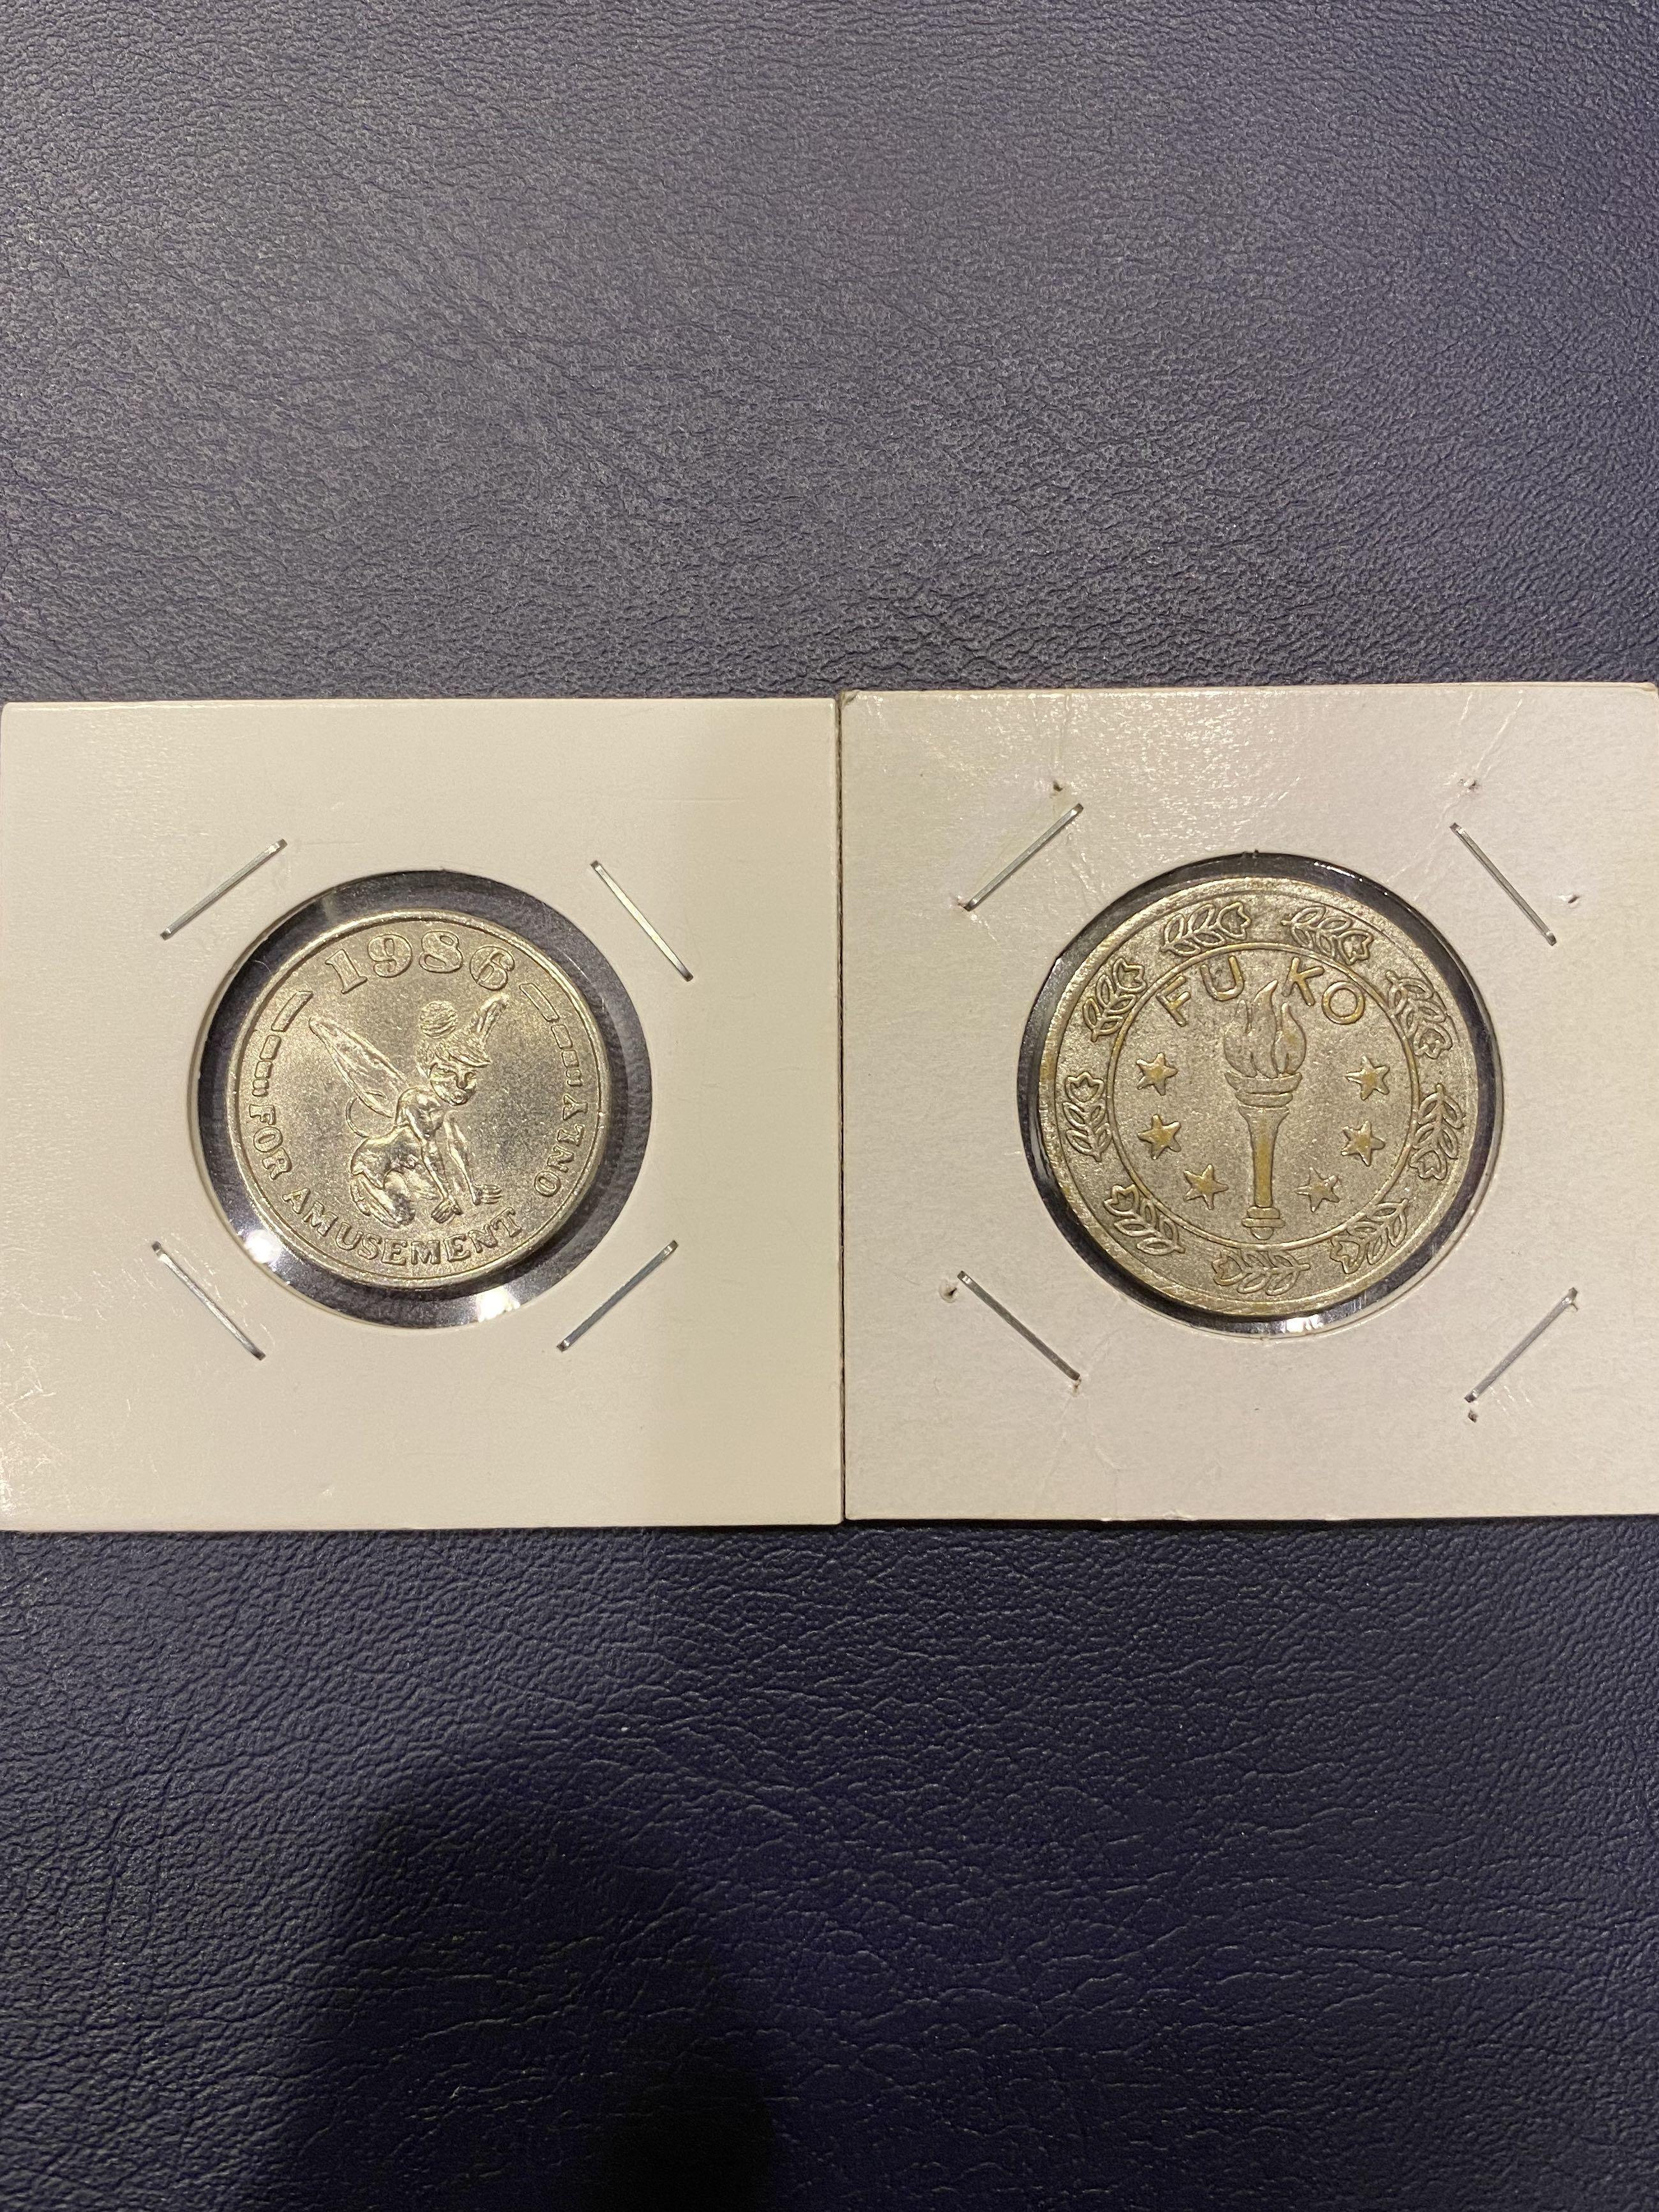 代幣*2顆(1顆逆背)